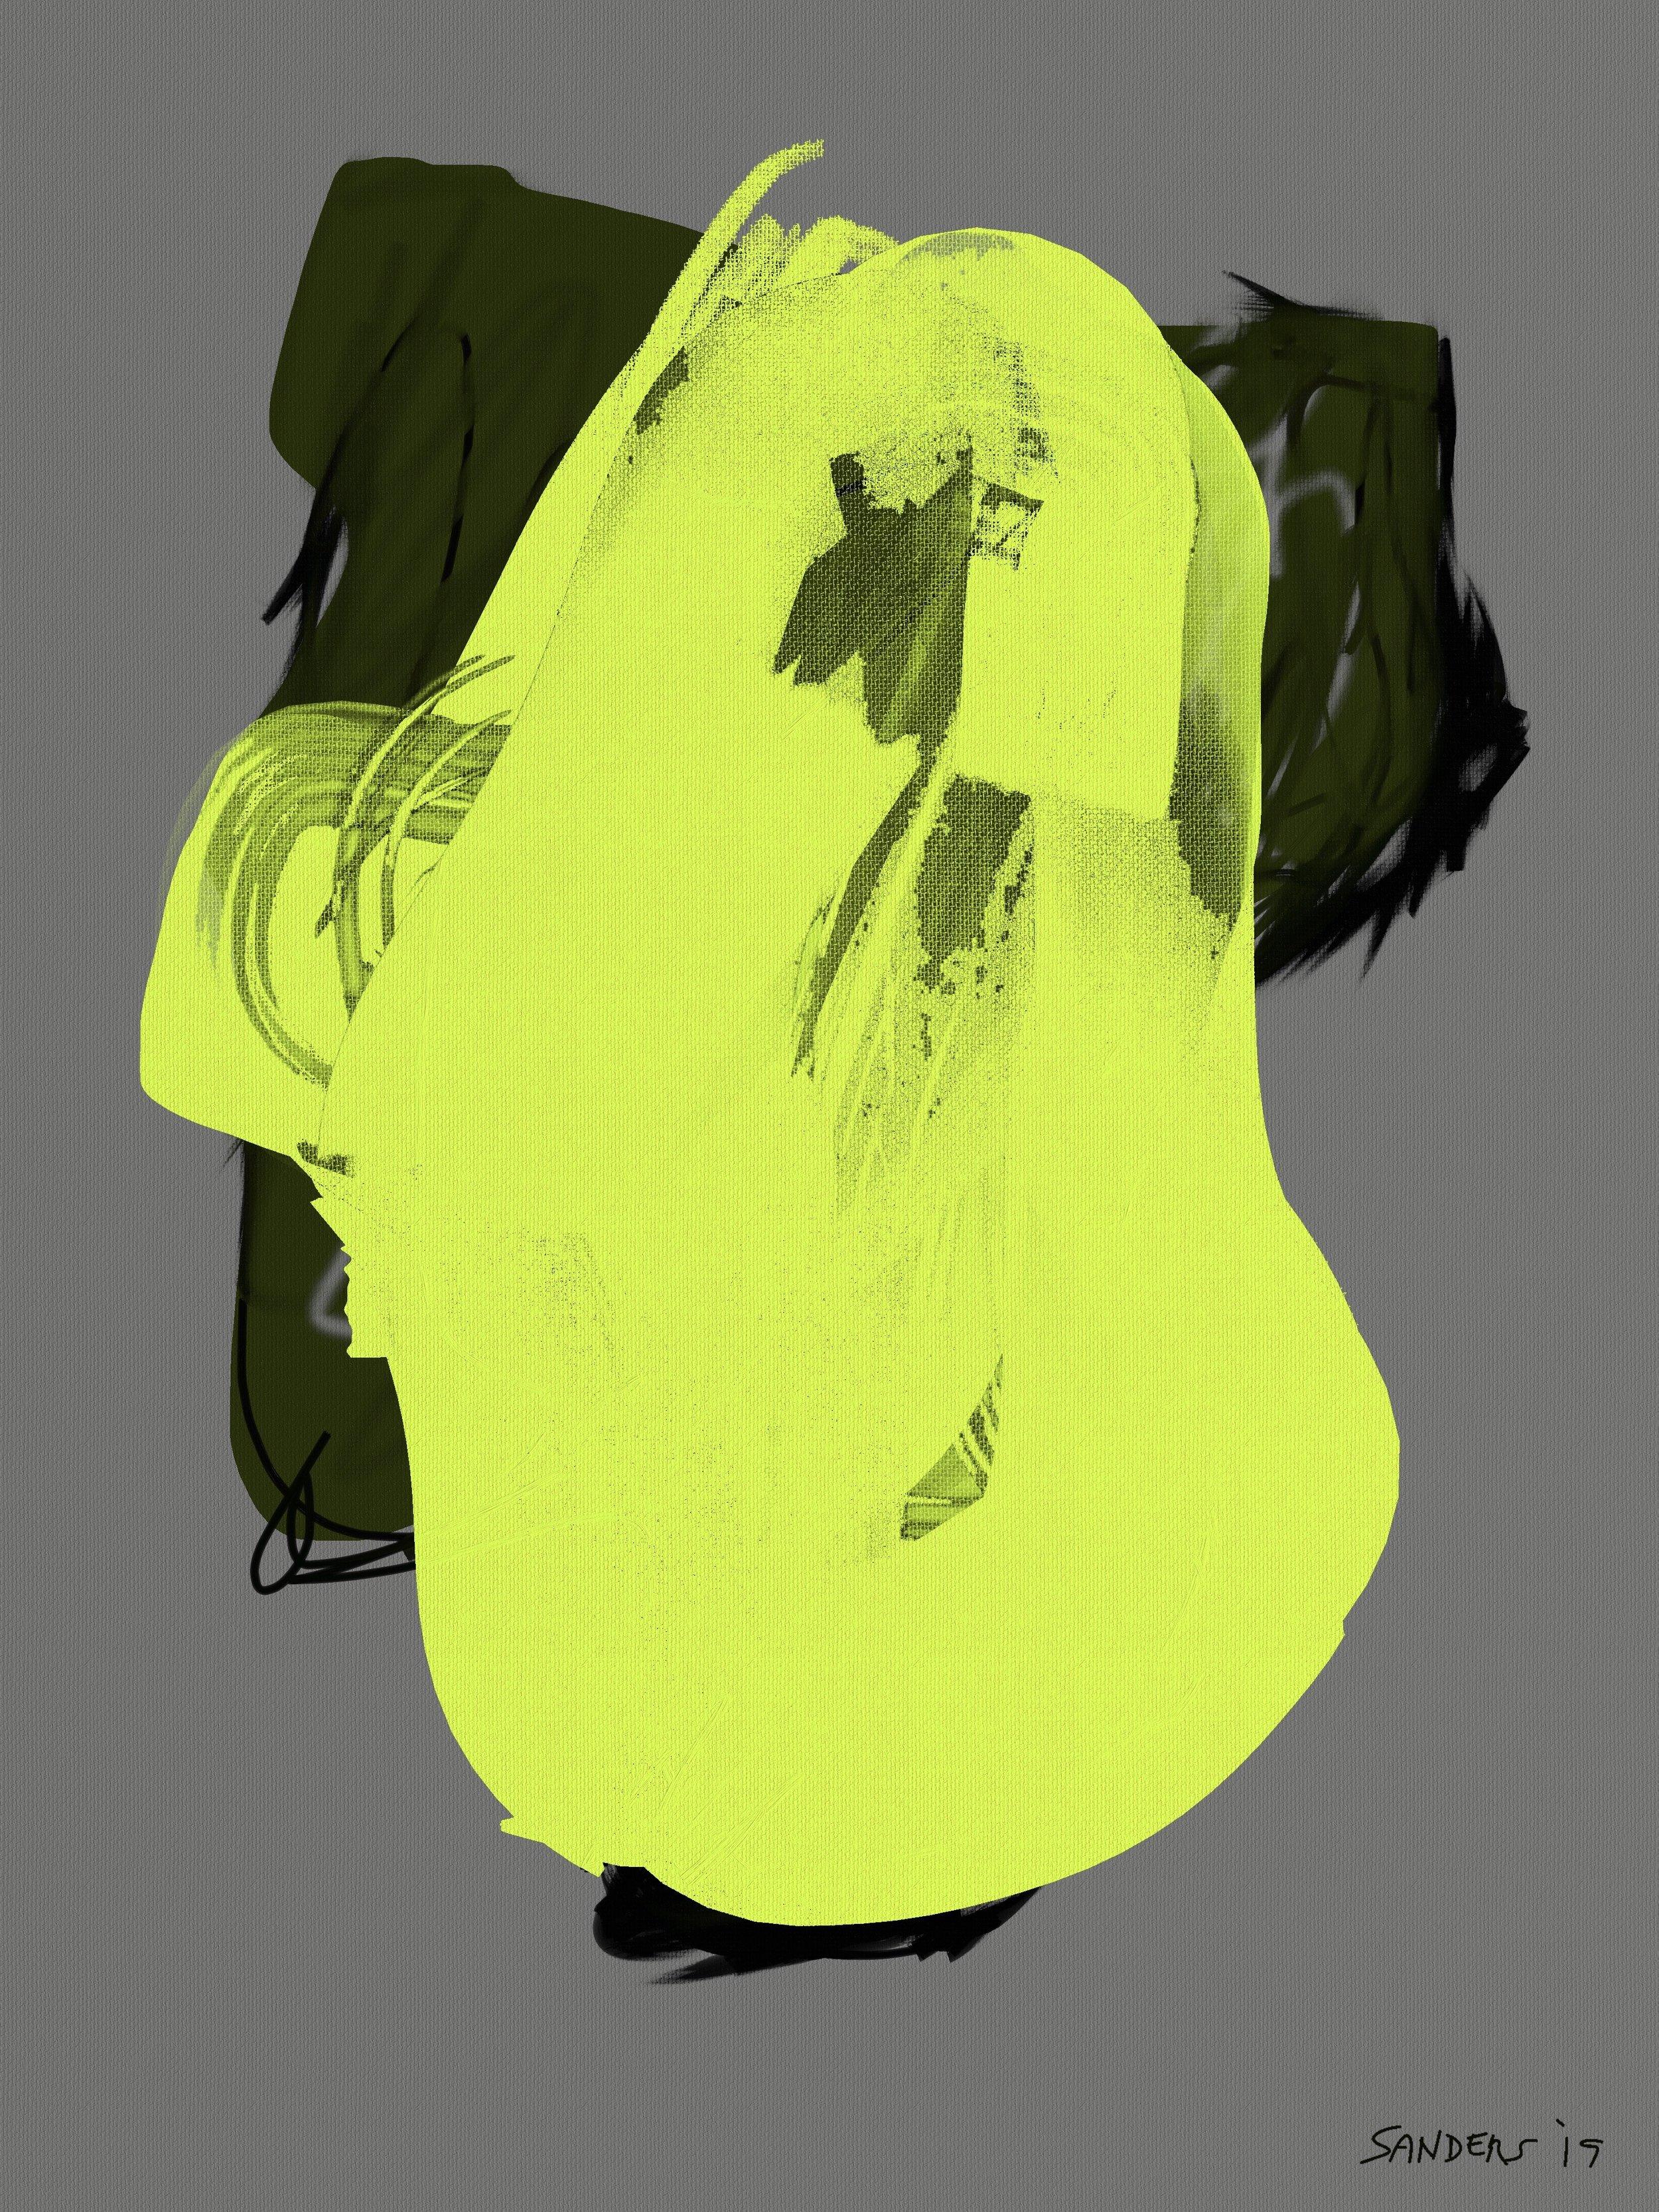 Bright Potato Head (2019) iPad creation